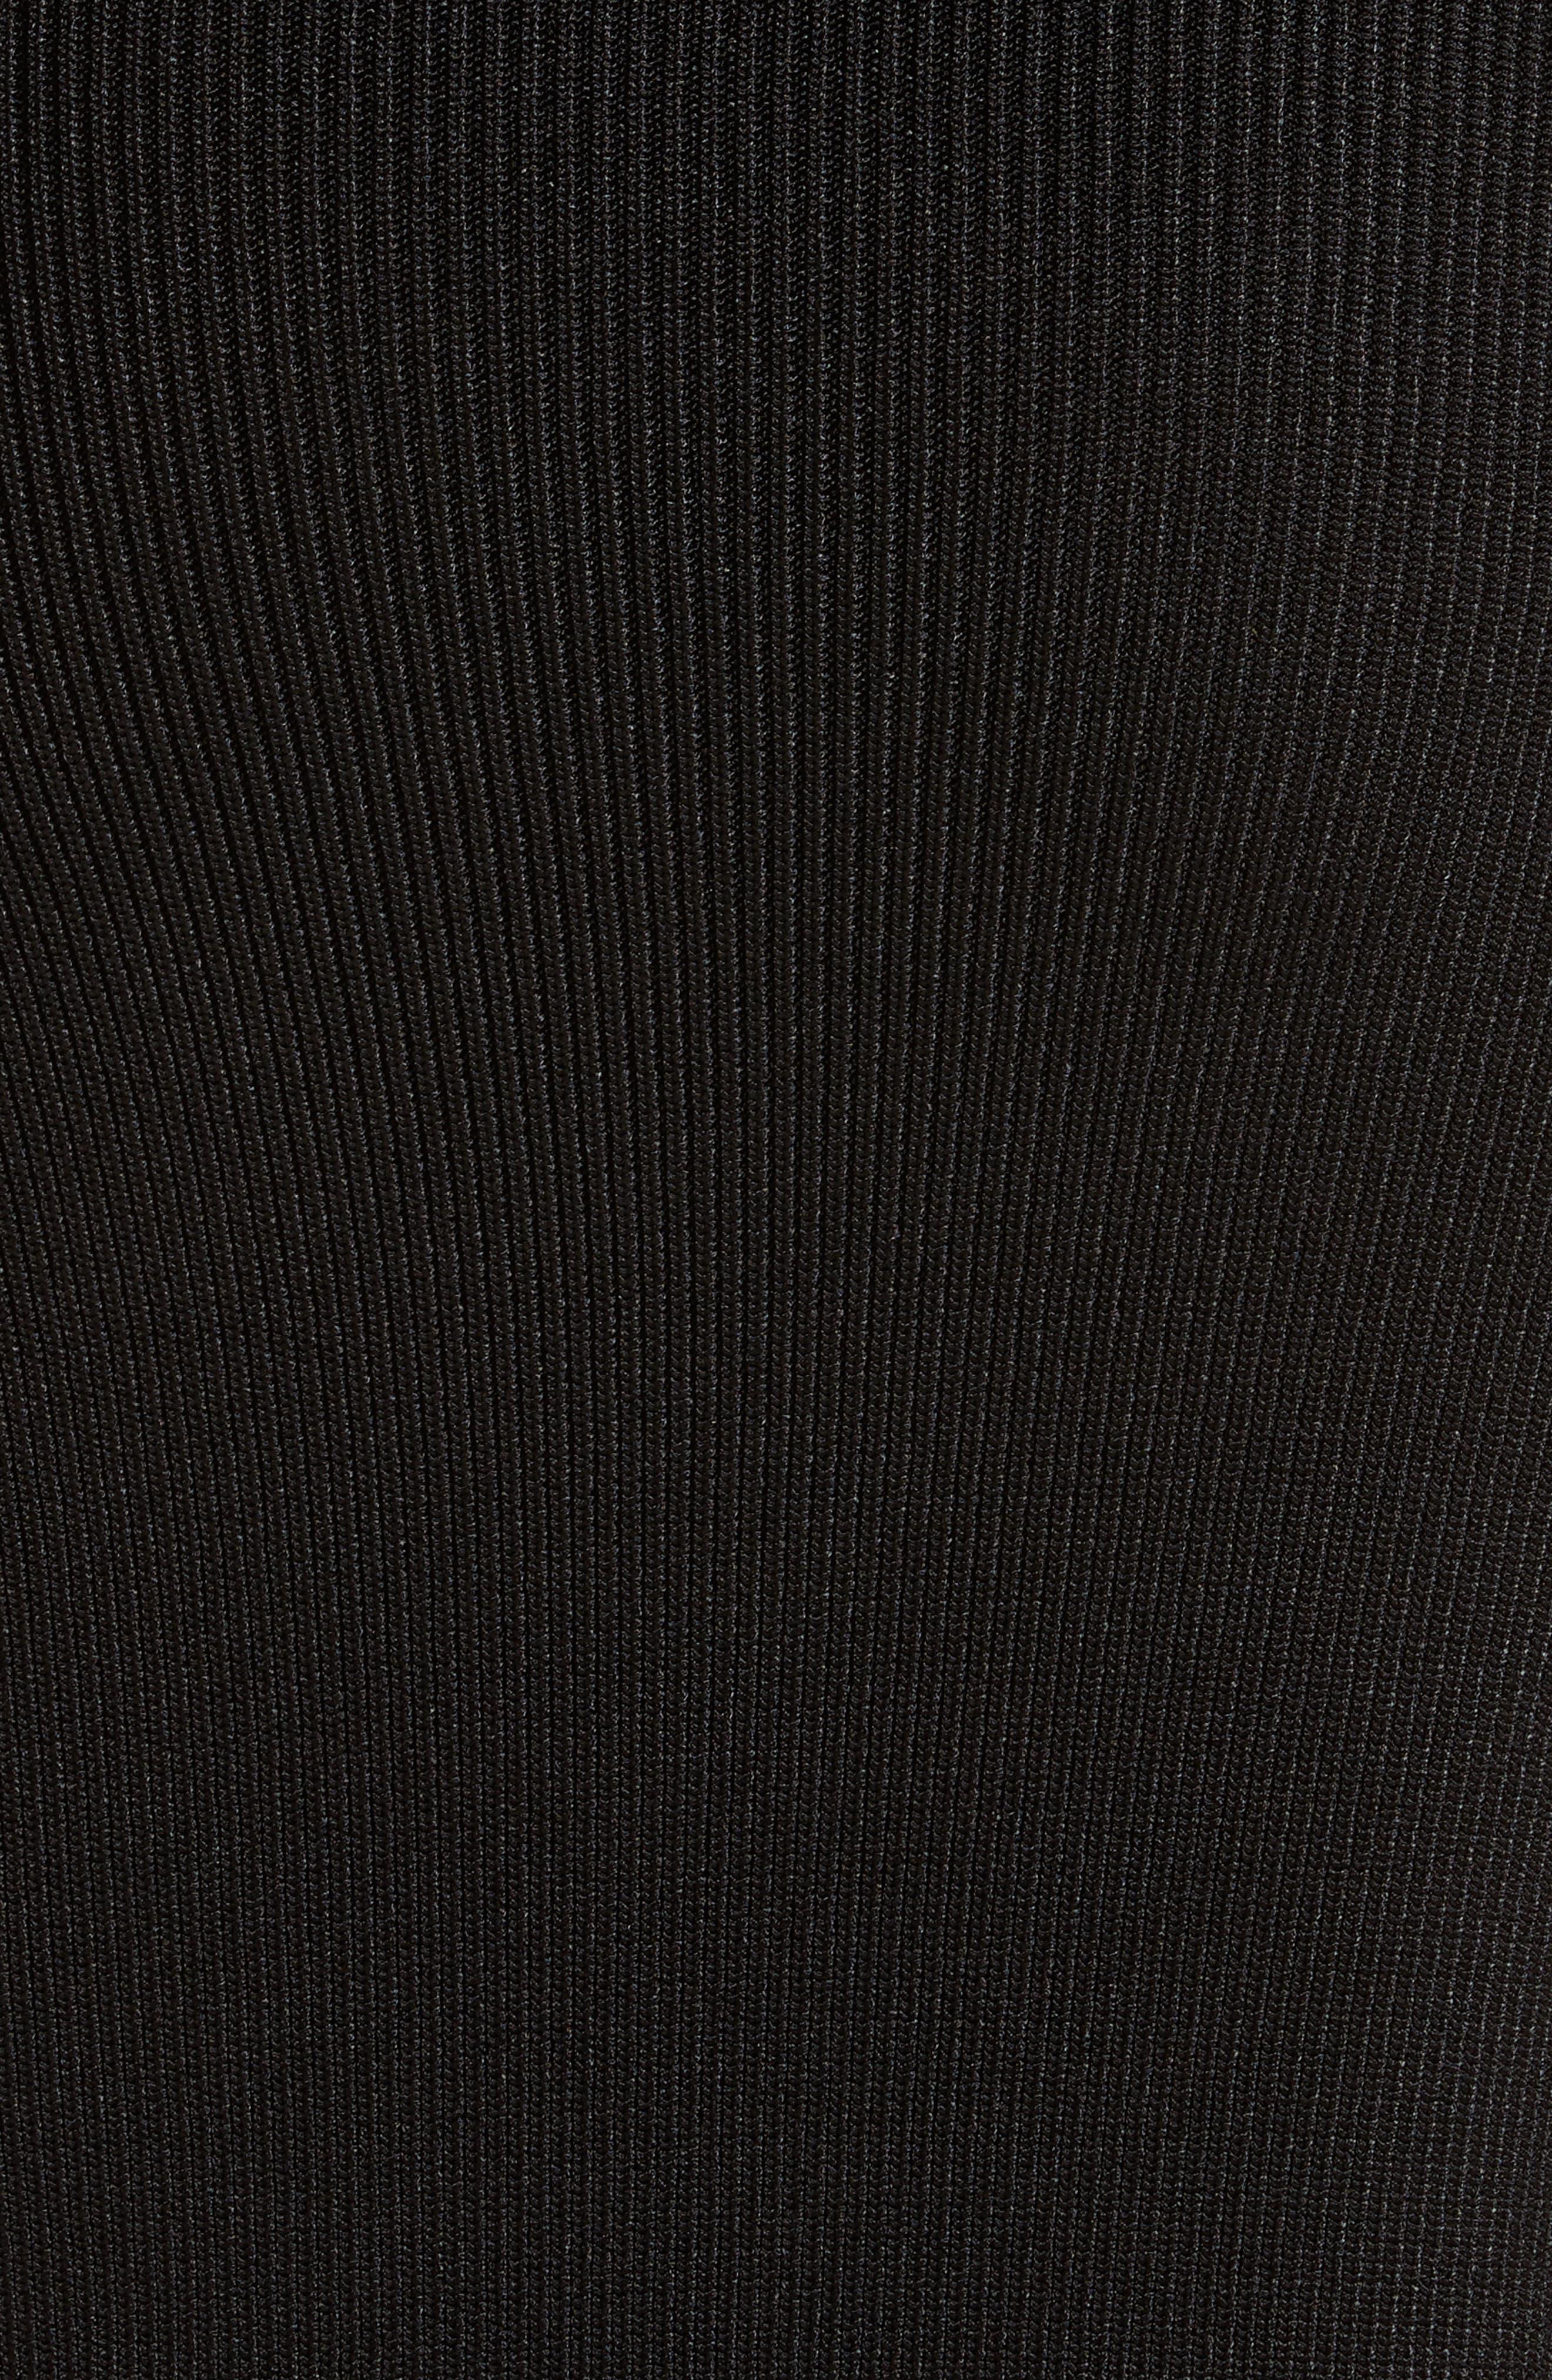 Drape Knit Dress,                             Alternate thumbnail 5, color,                             001